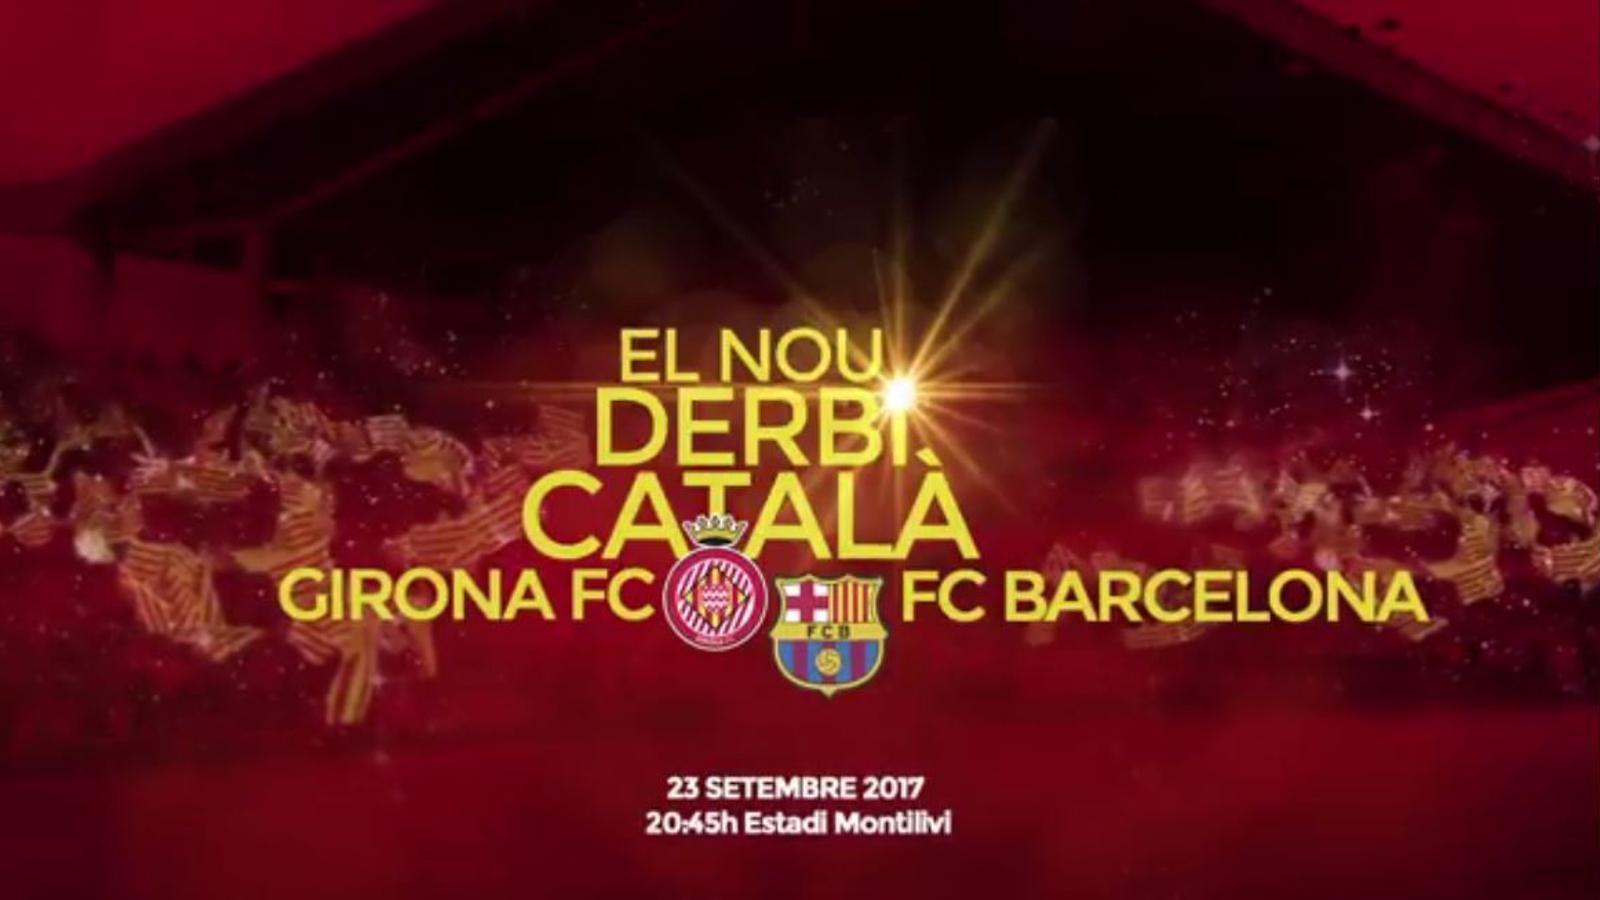 """""""El nou derbi català"""": el Girona promociona el partit de dissabte contra el Barça"""